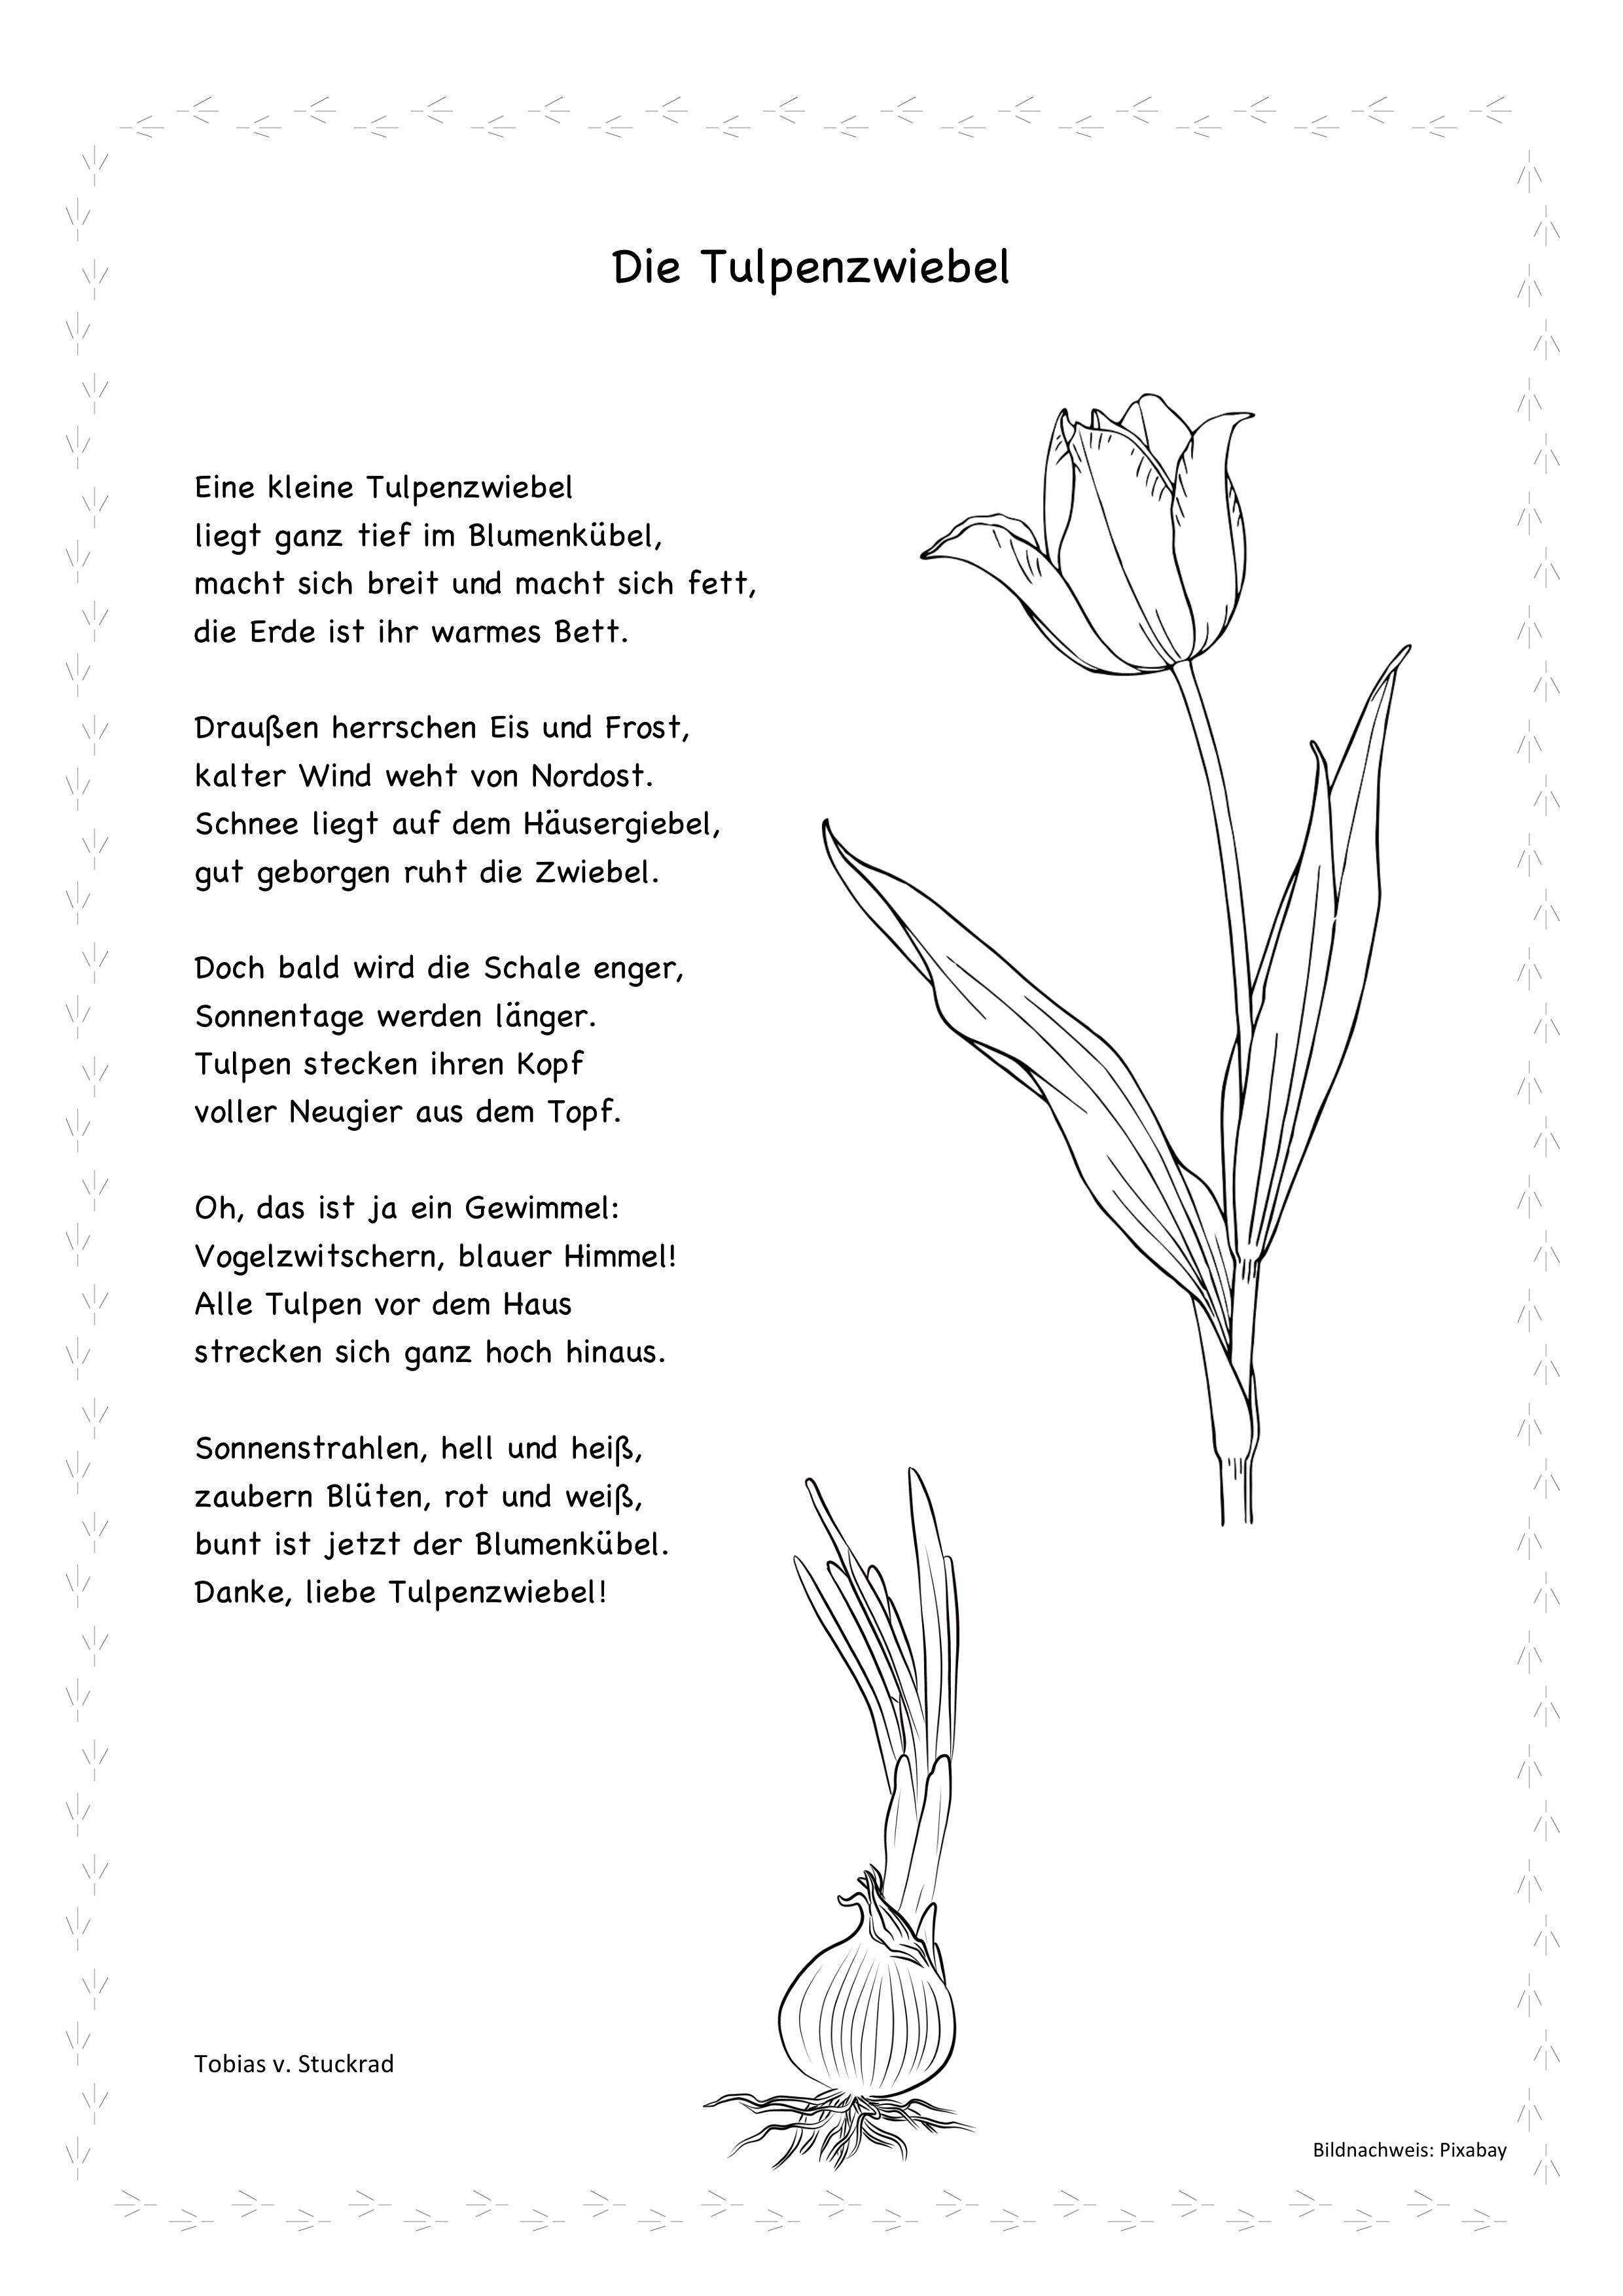 Die Tulpenzwiebel Mp3 Liedtext Mit Ausmalbild Unterrichtsmaterial In Den Fachern Fachubergreifendes Musik In 2021 Gedichte Fur Kinder Gedicht Grundschule Fruhlingsgedicht